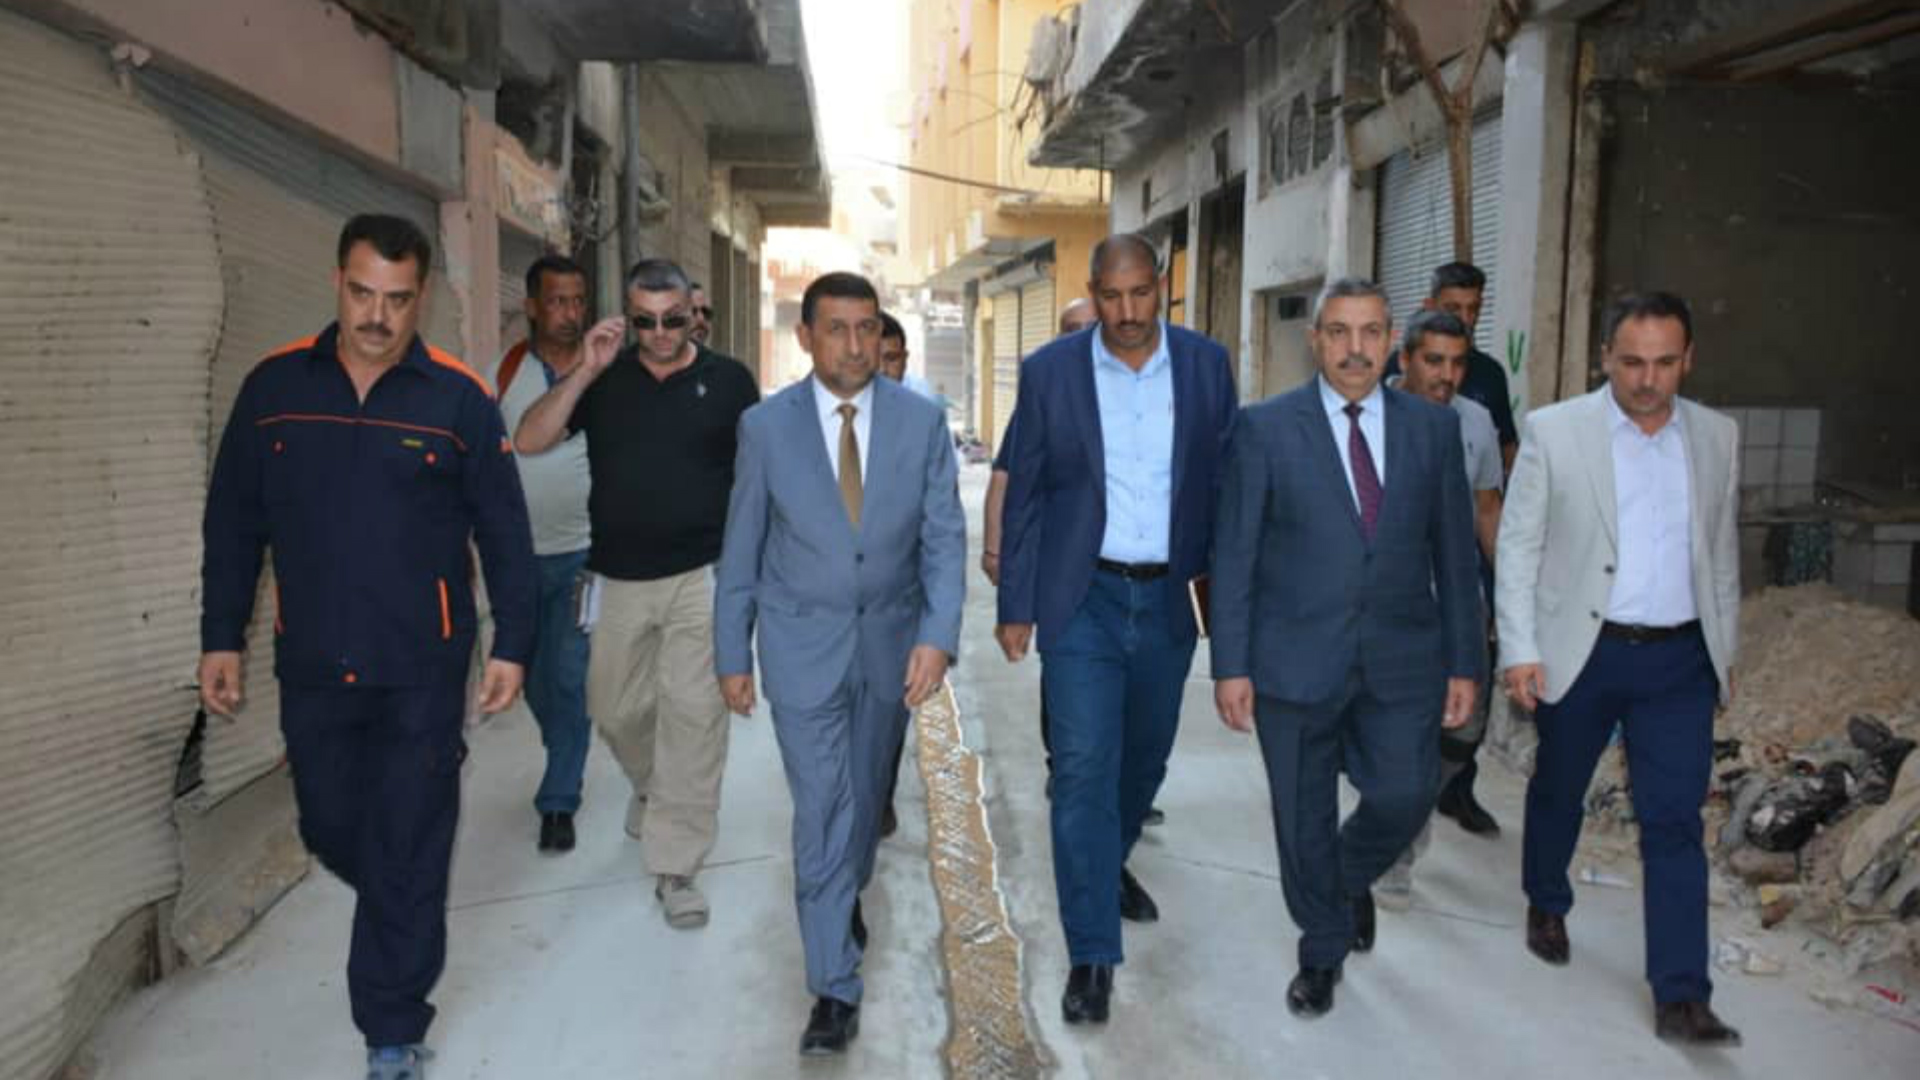 محافظ نينوى يدعو الشباب إلى أخذ زمام المبادرة وطرح مشاريع تنموية وإصلاحية